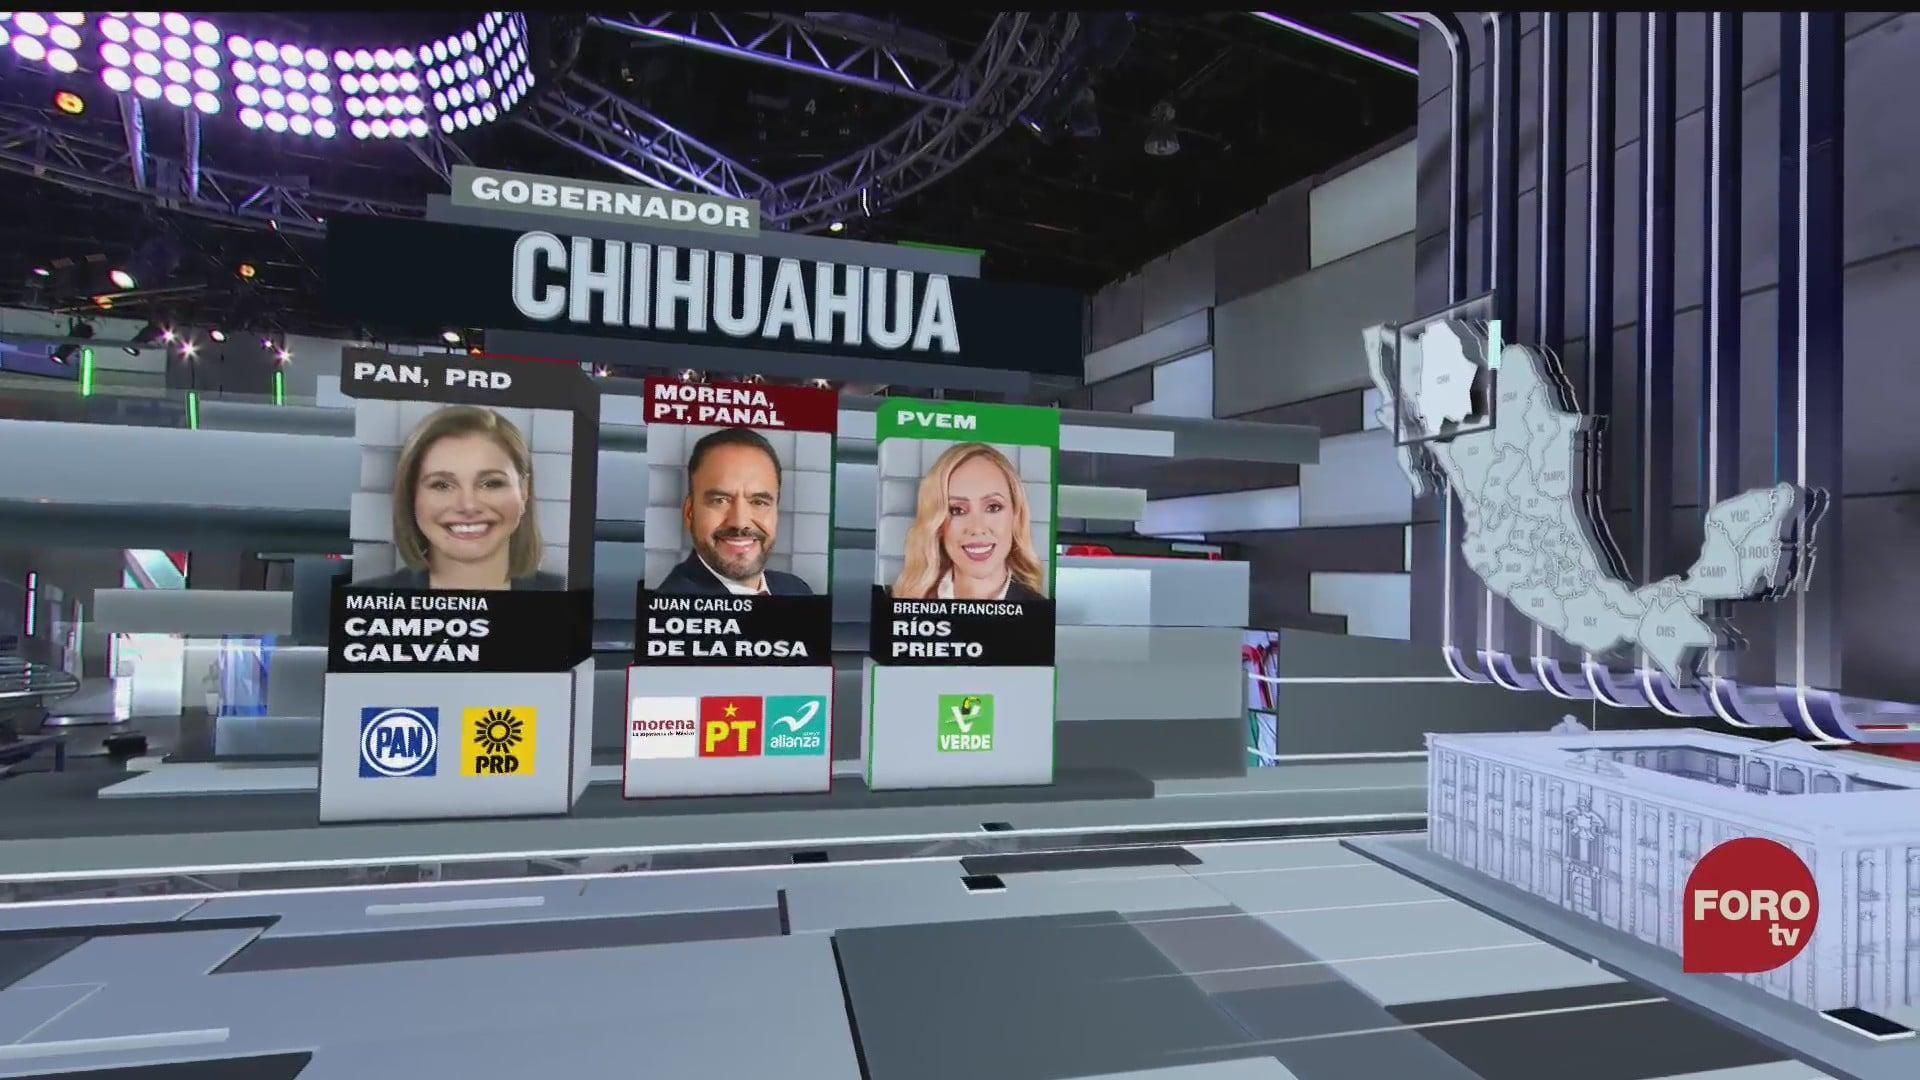 estos son los candidatos a la gubernatura de chihuahua